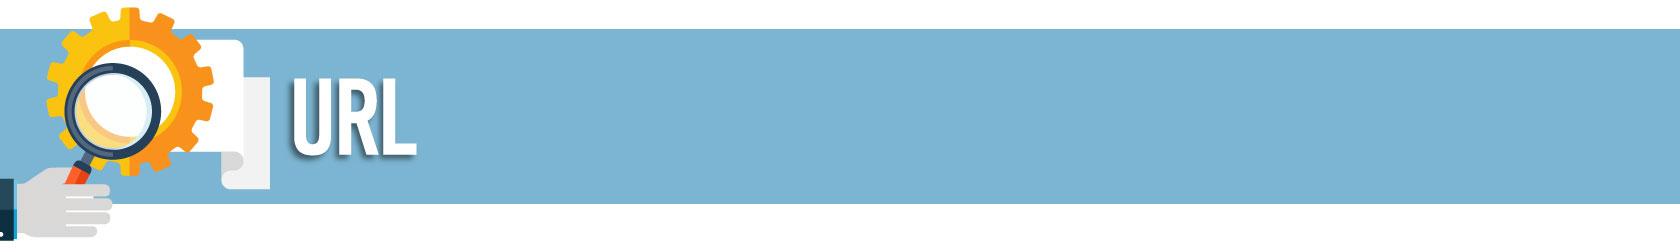 URL banner